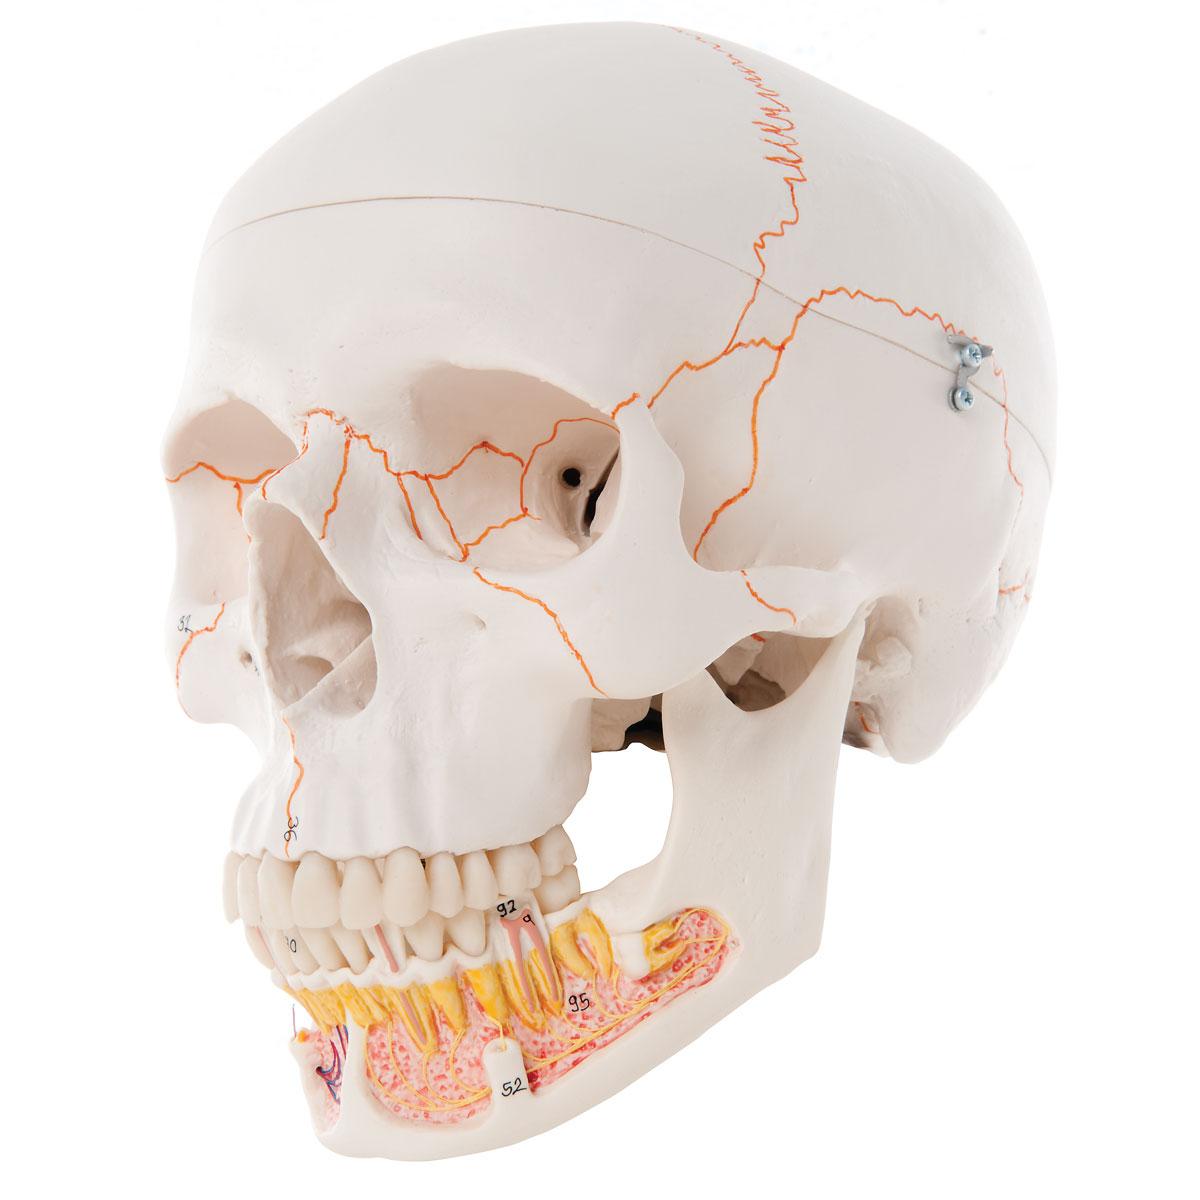 Atemberaubend Anatomy Of The Human Jaw Galerie - Menschliche ...